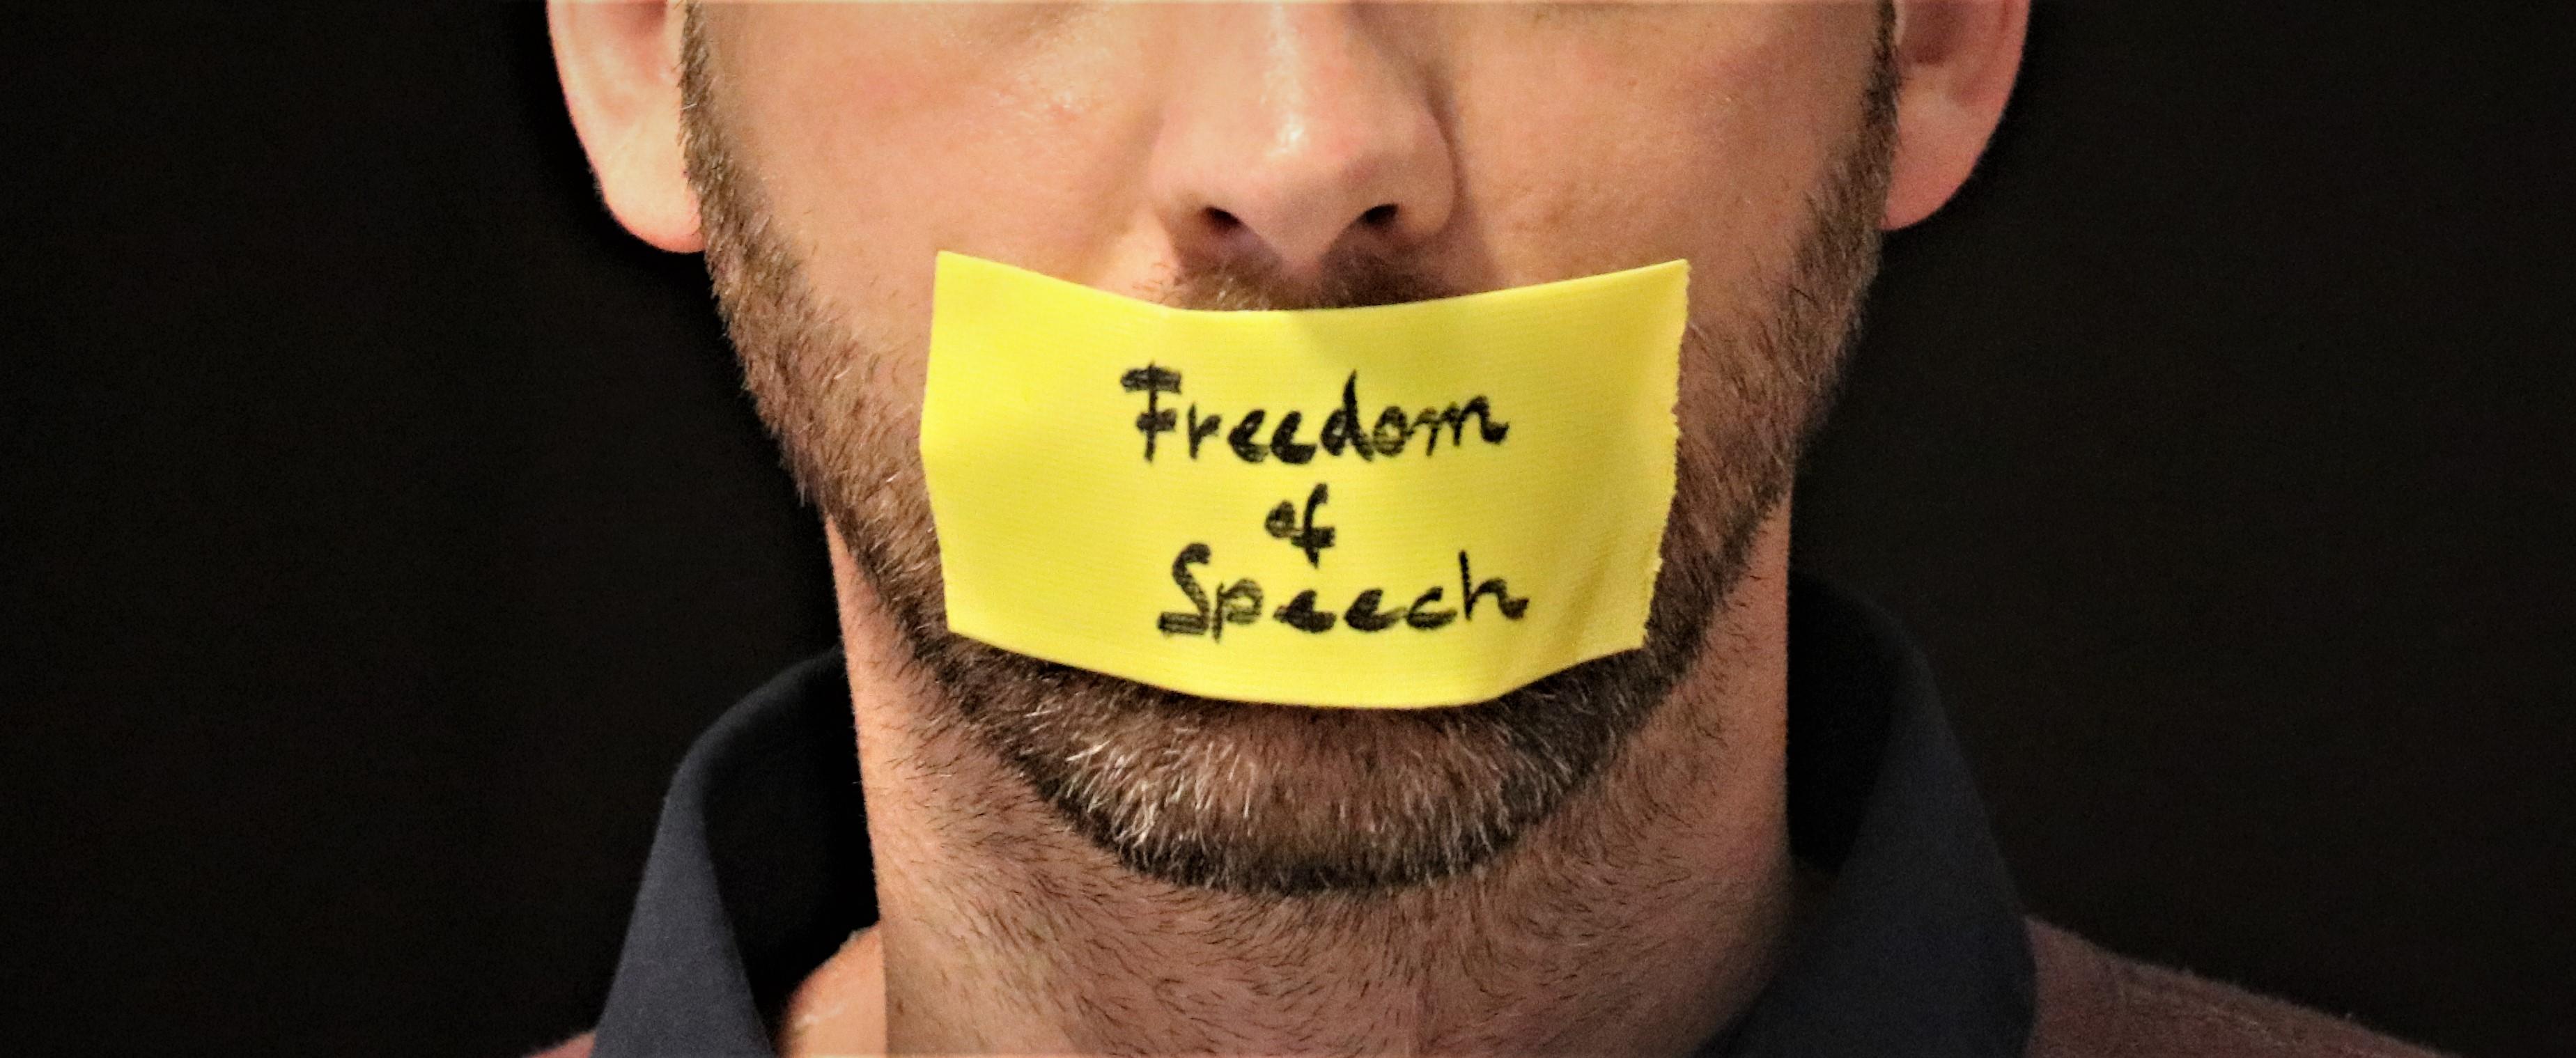 Freddom of Speech1